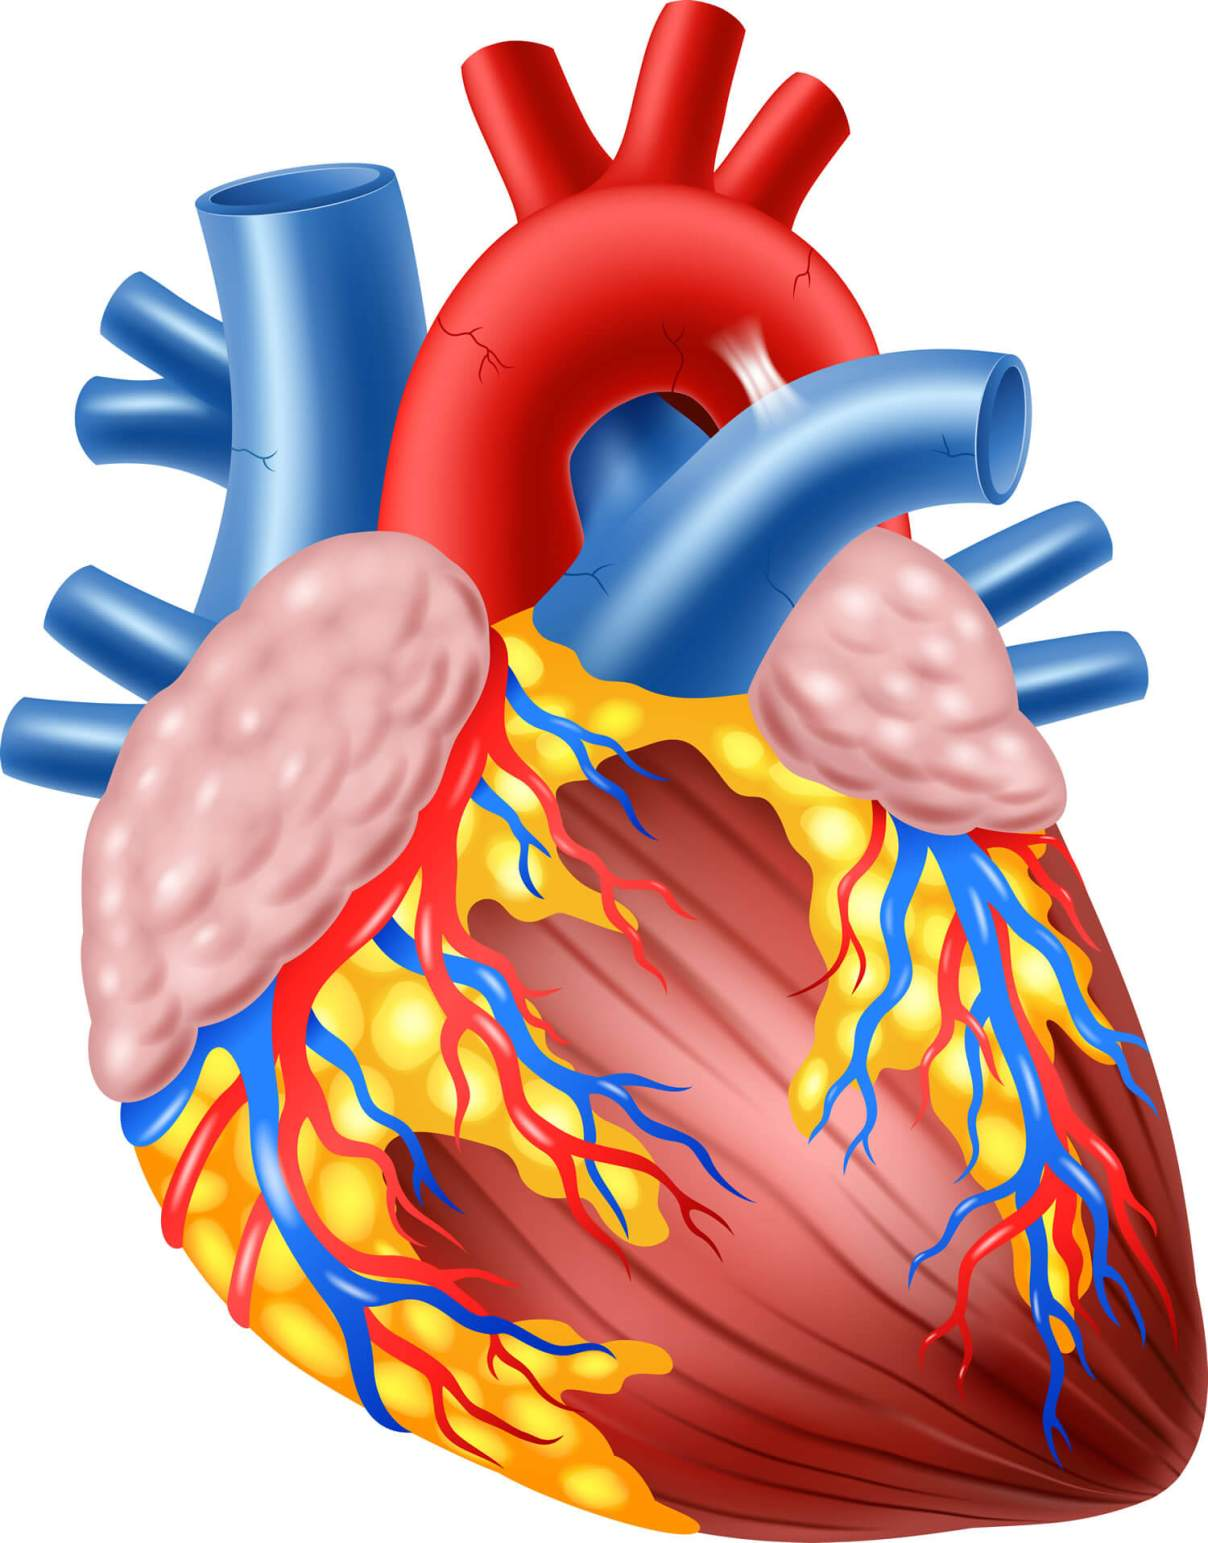 Definición del corazón